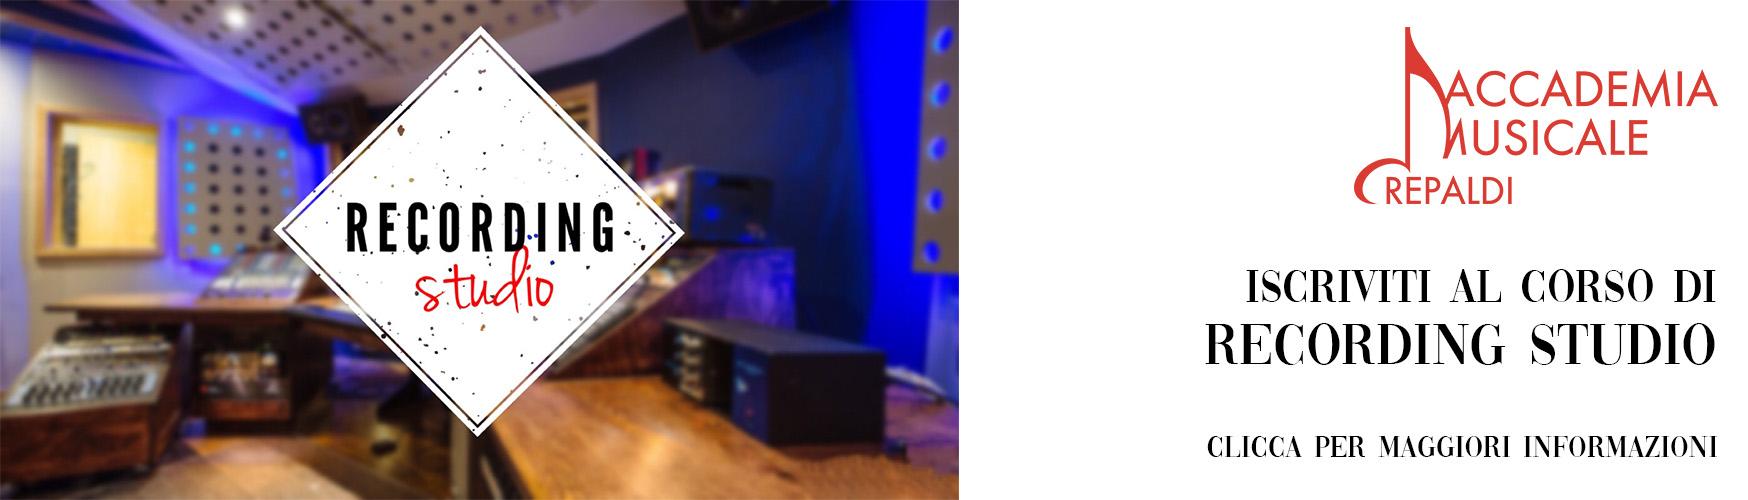 Recording Studio, Ableton - Accademia Musicale Crepaldi